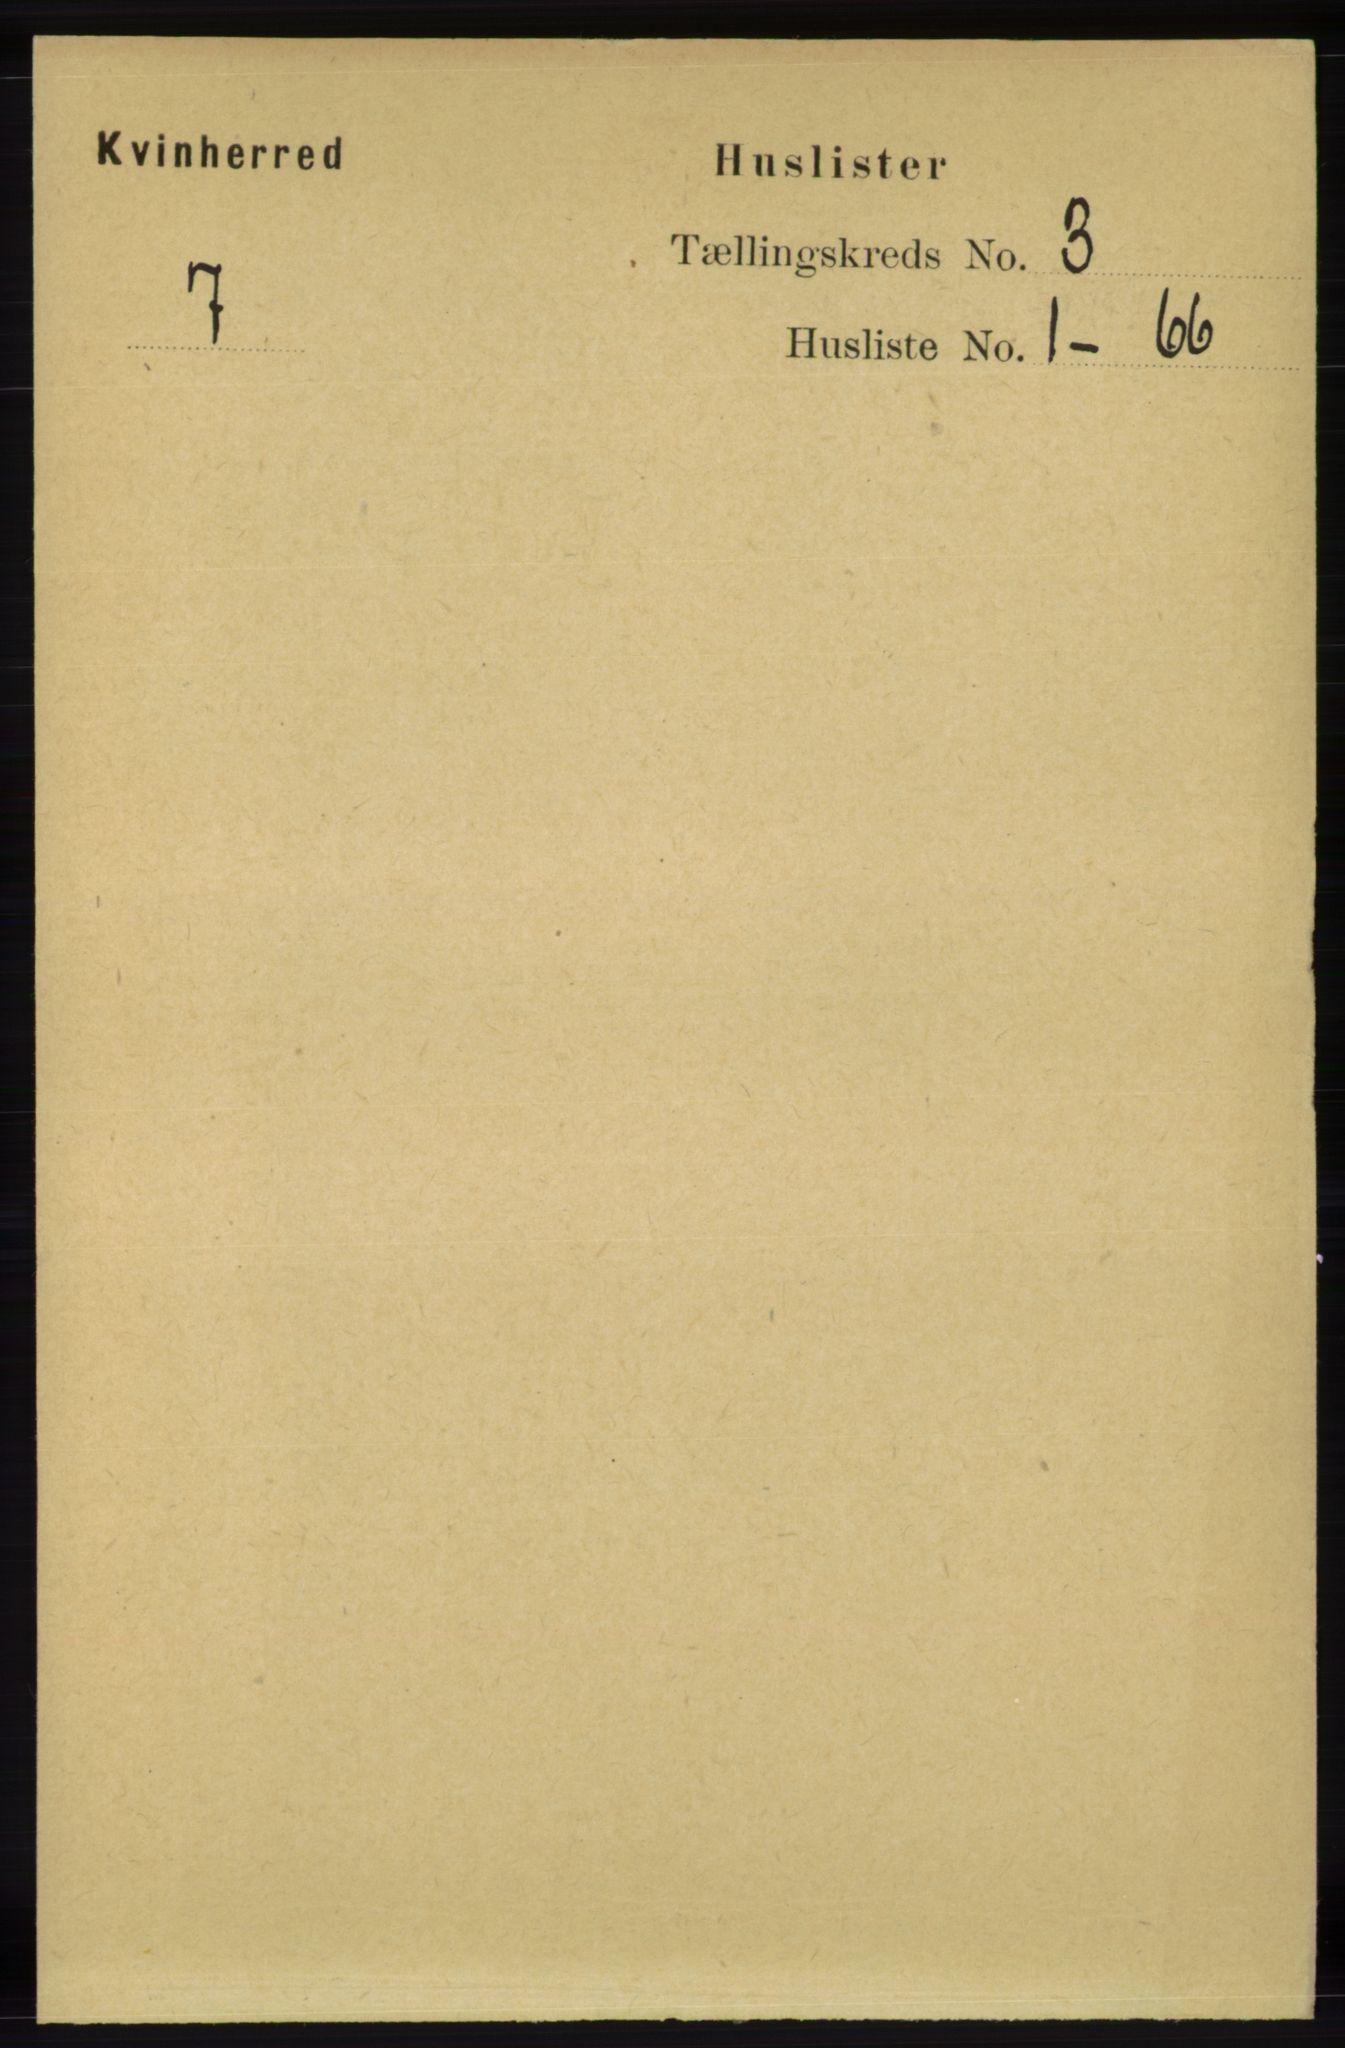 RA, Folketelling 1891 for 1224 Kvinnherad herred, 1891, s. 821